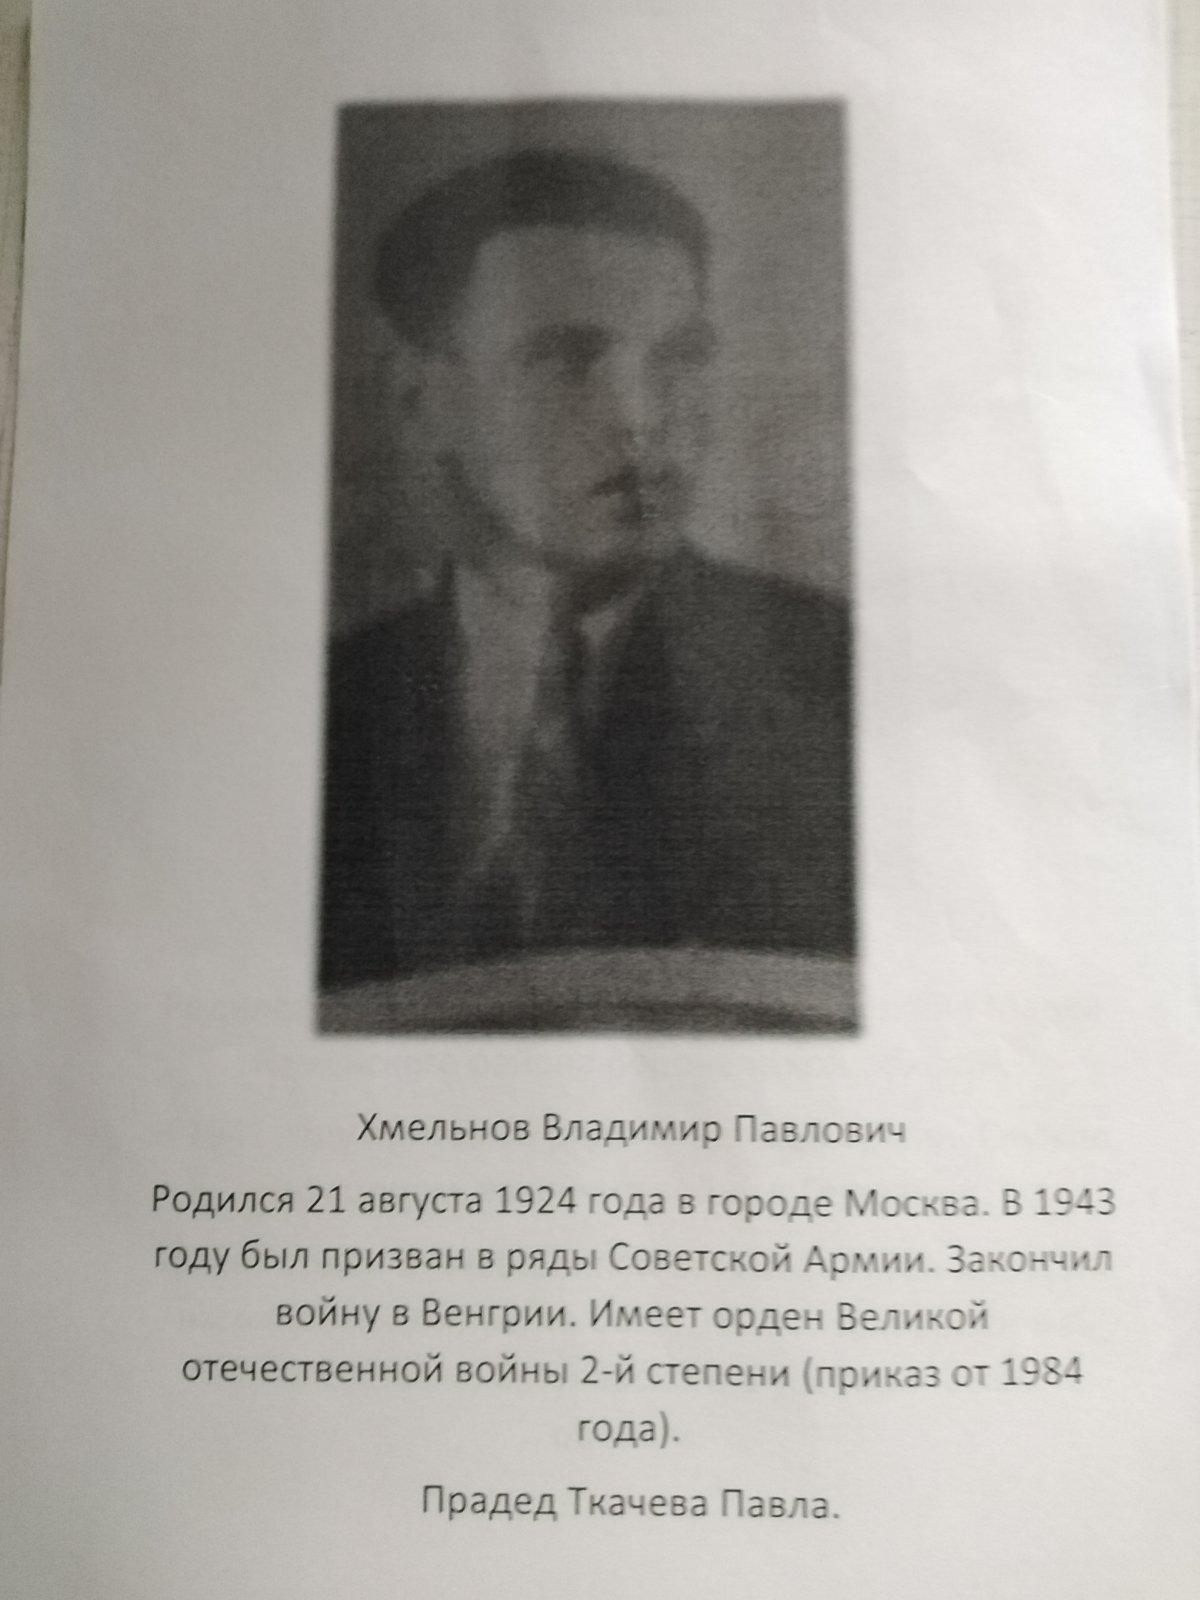 http://vrnschool85.ucoz.ru/19-20/tkachev_praded_3.jpg